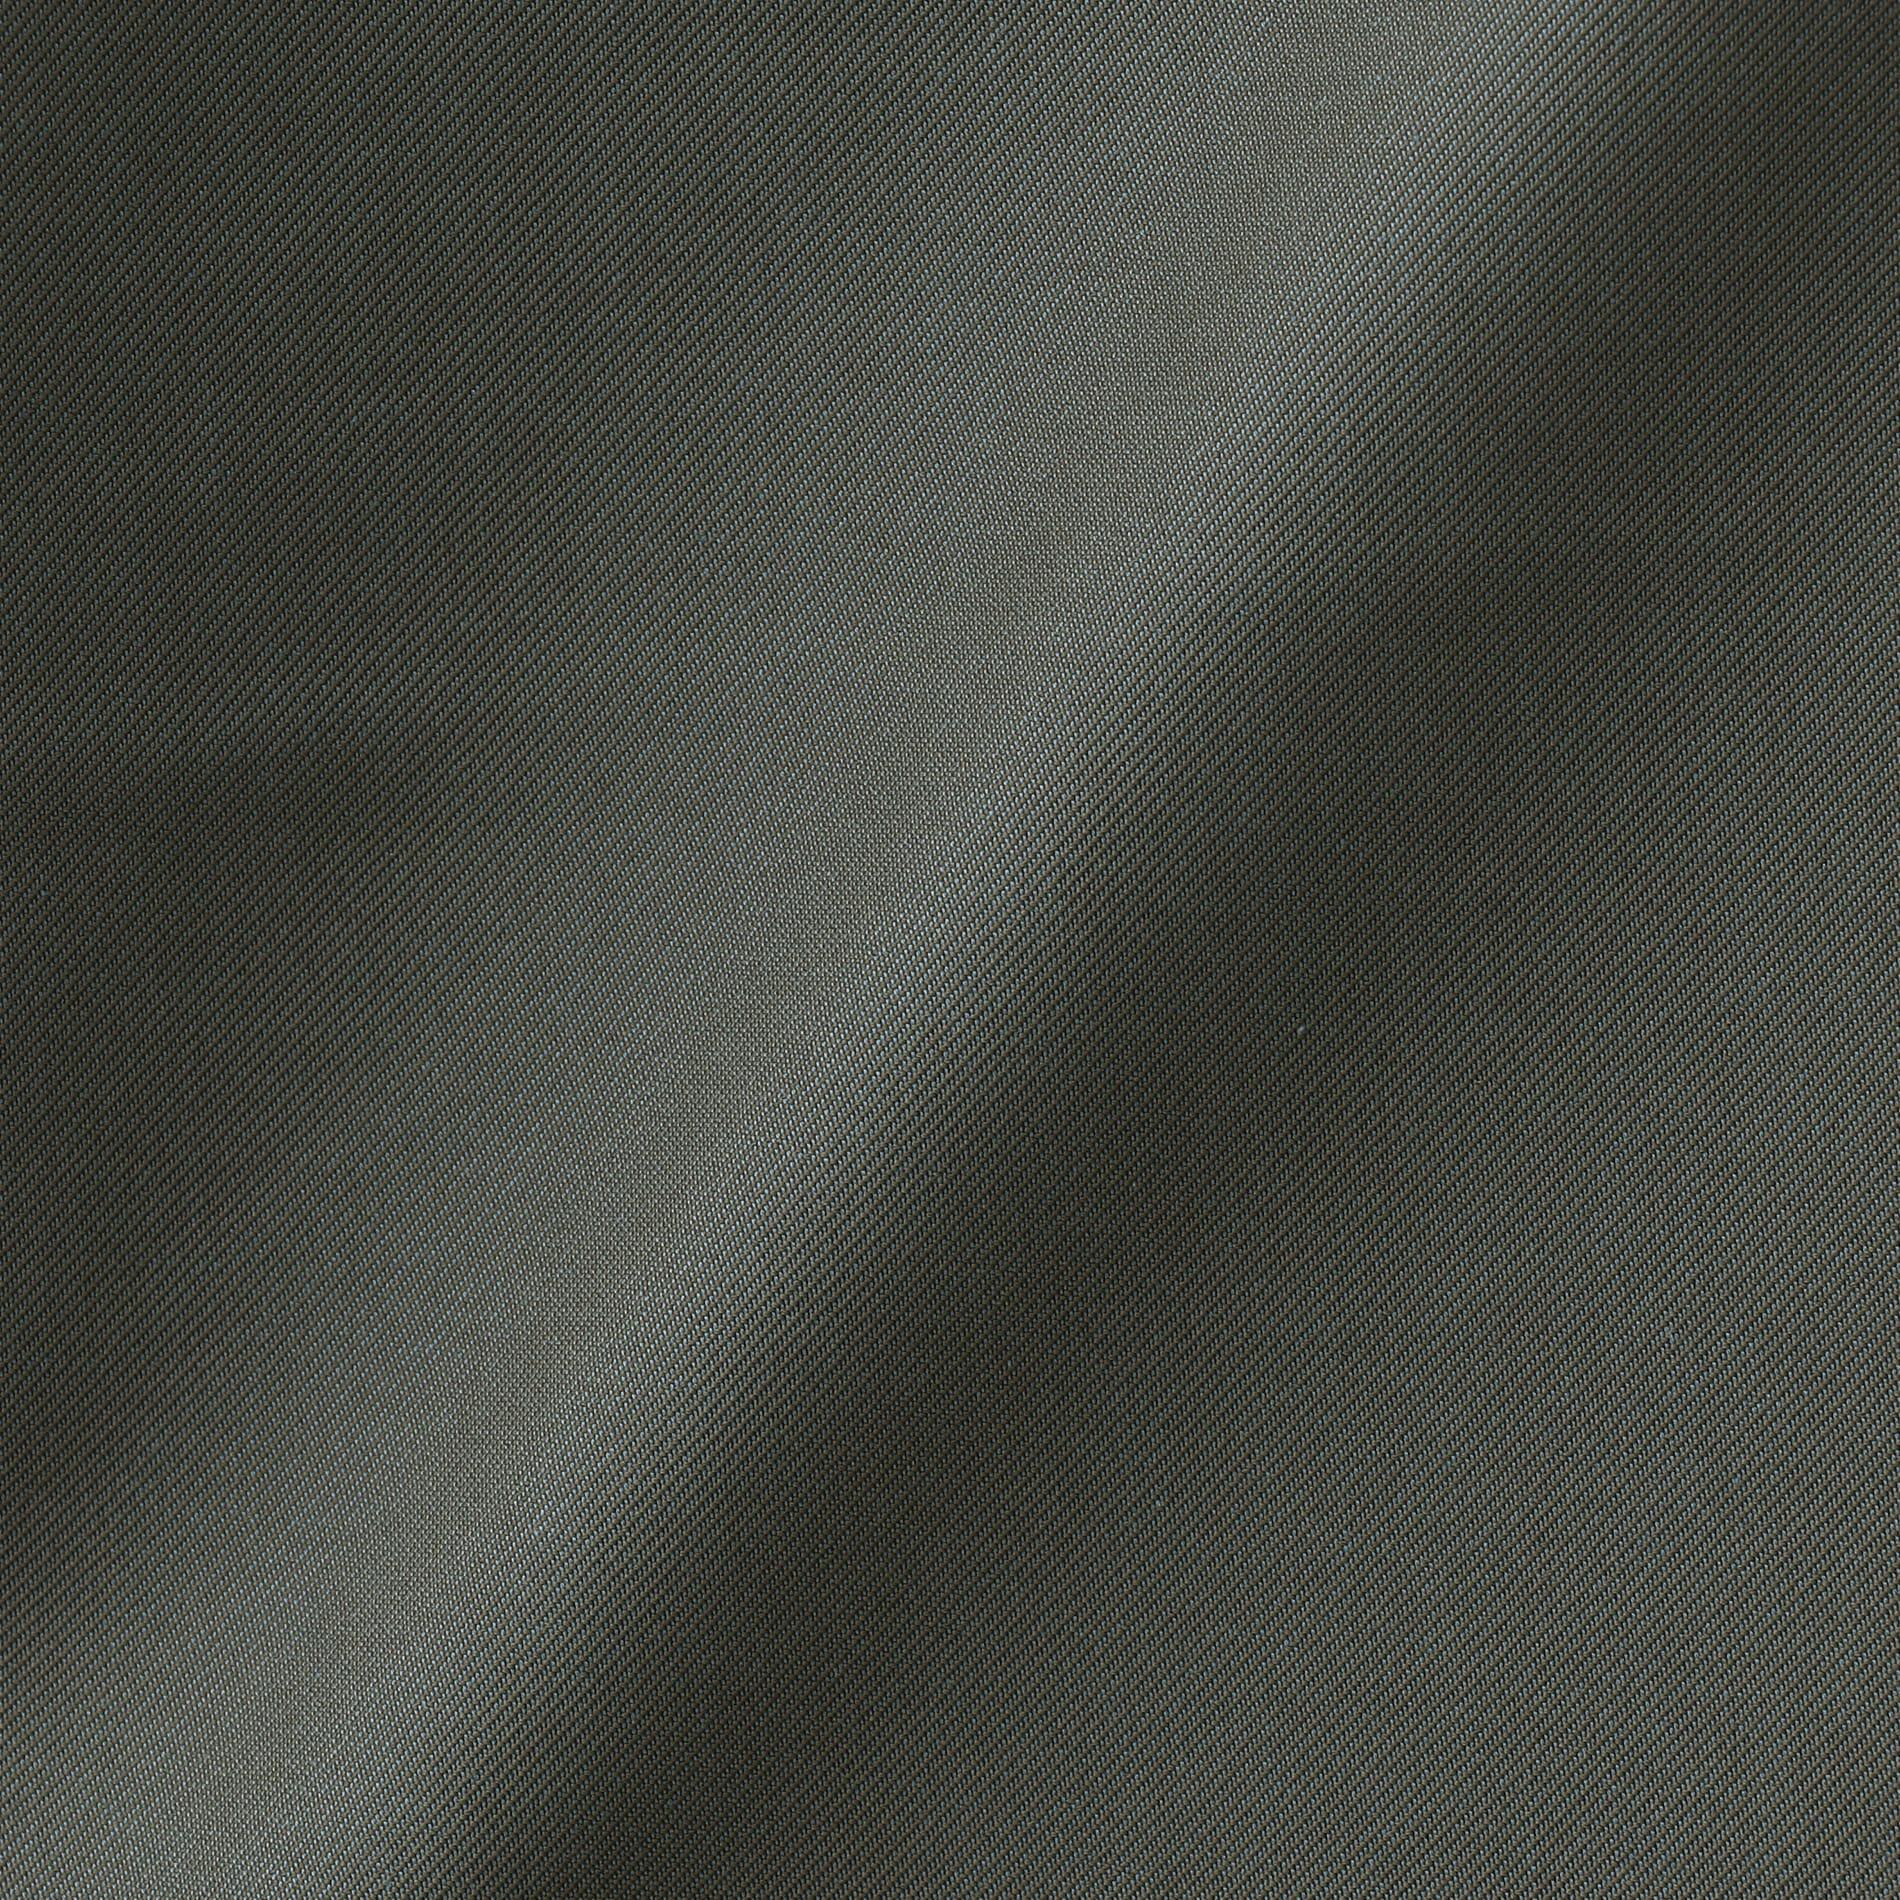 【NOMA t.d.】MEN Apron Trousers PT04